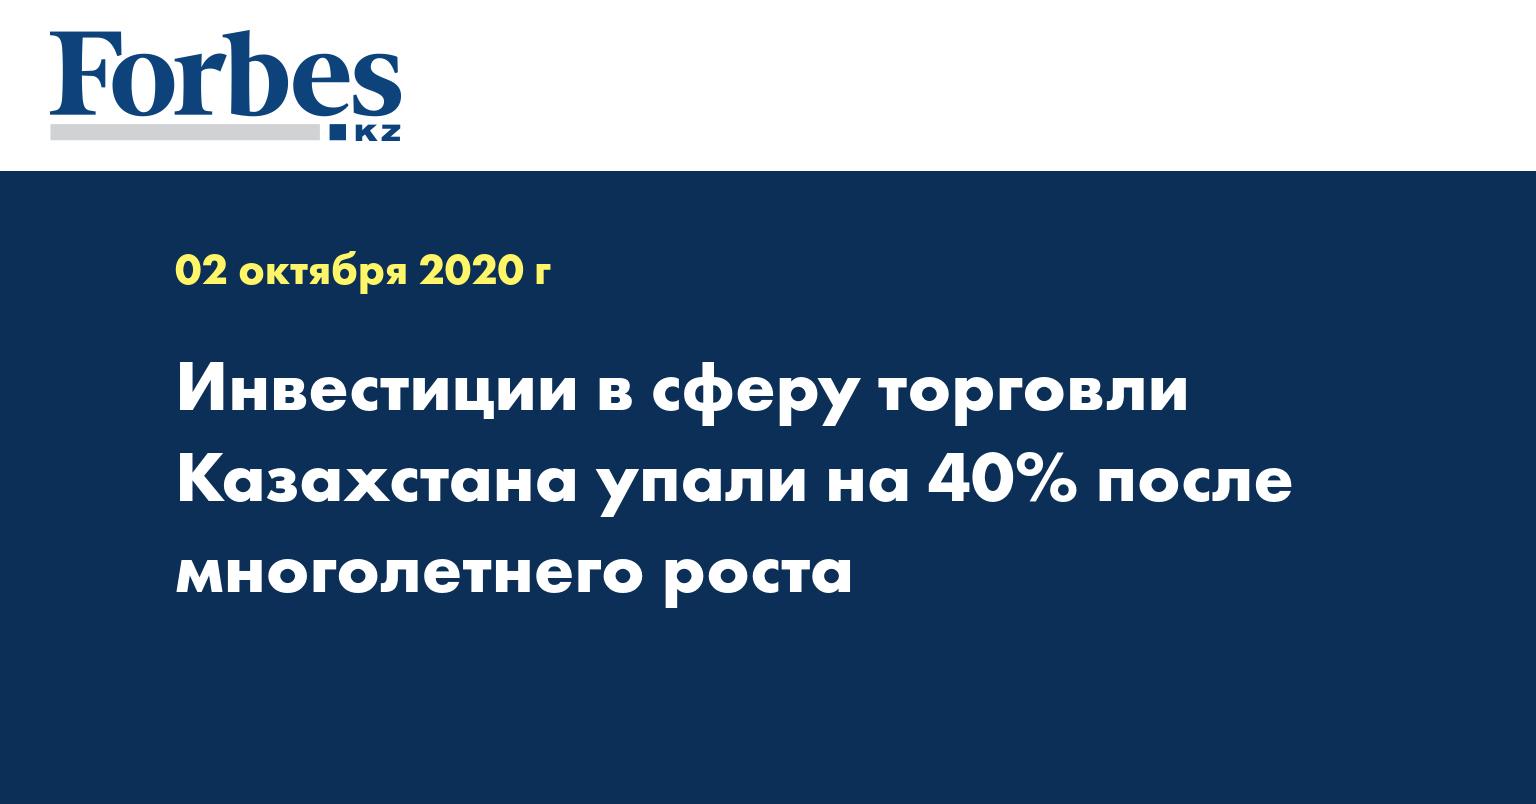 Инвестиции в сферу торговли Казахстана упали на 40% после многолетнего роста